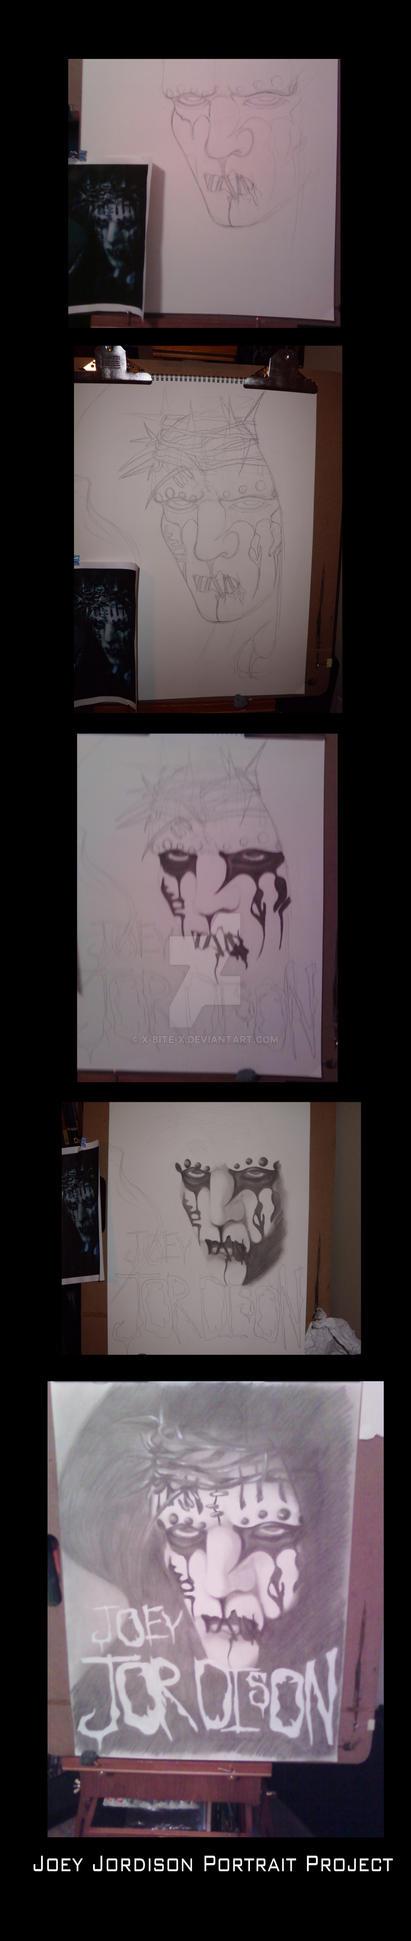 Joey Jordison Progression by x-bite-x